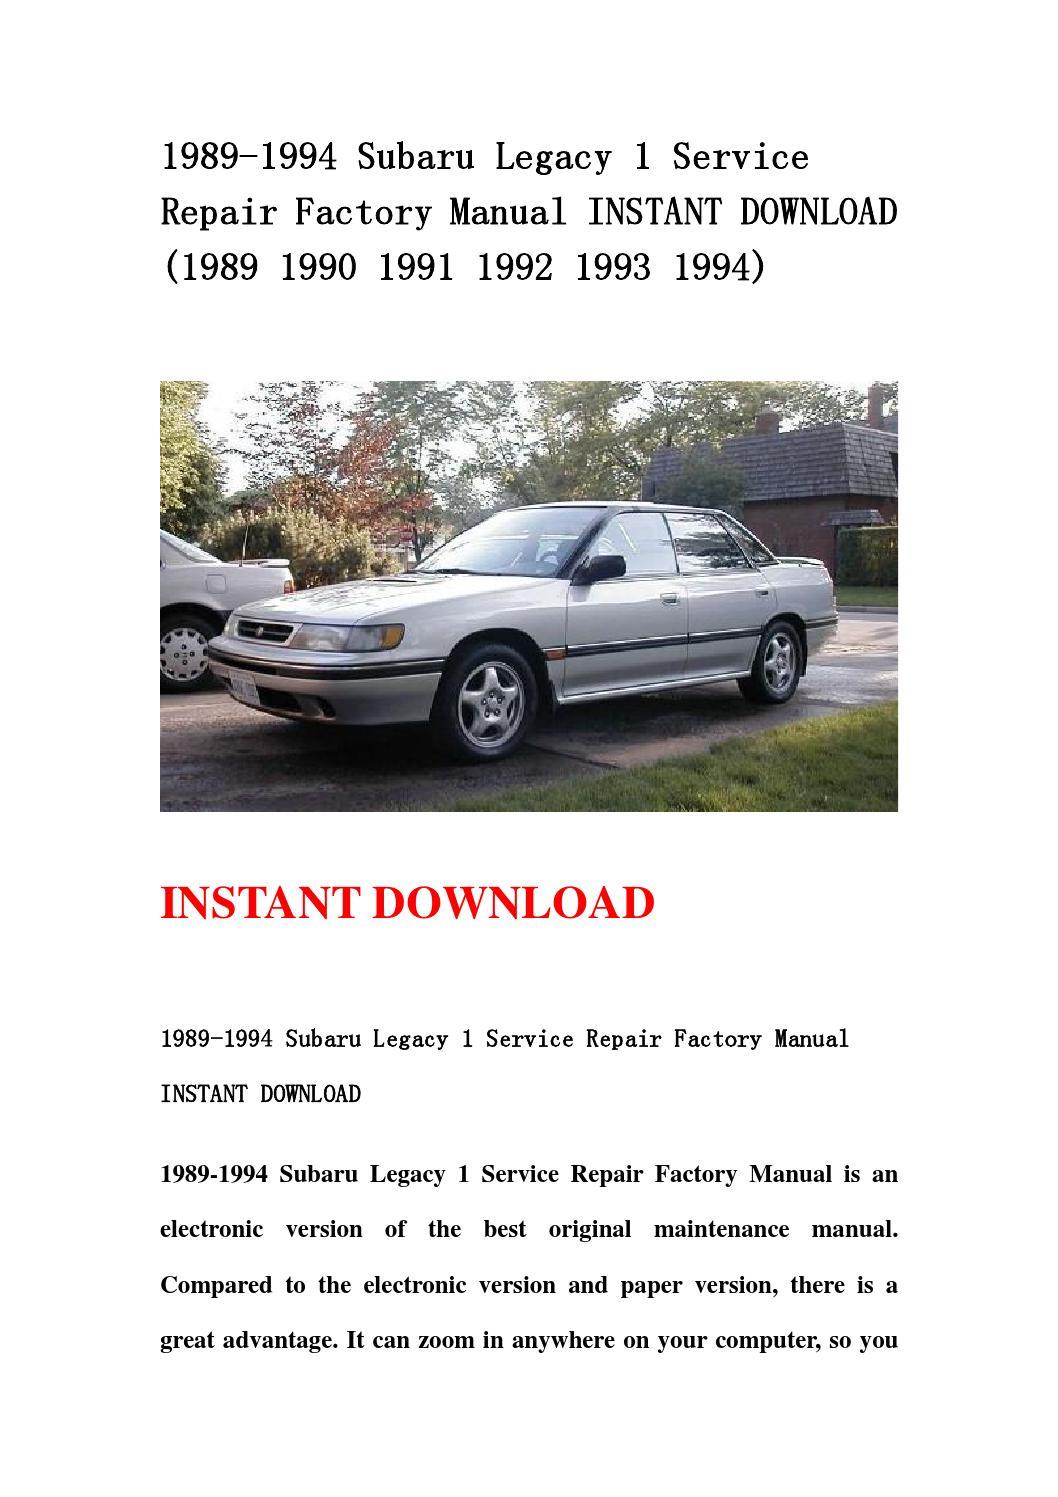 1992 subaru legacy repair manual pdf